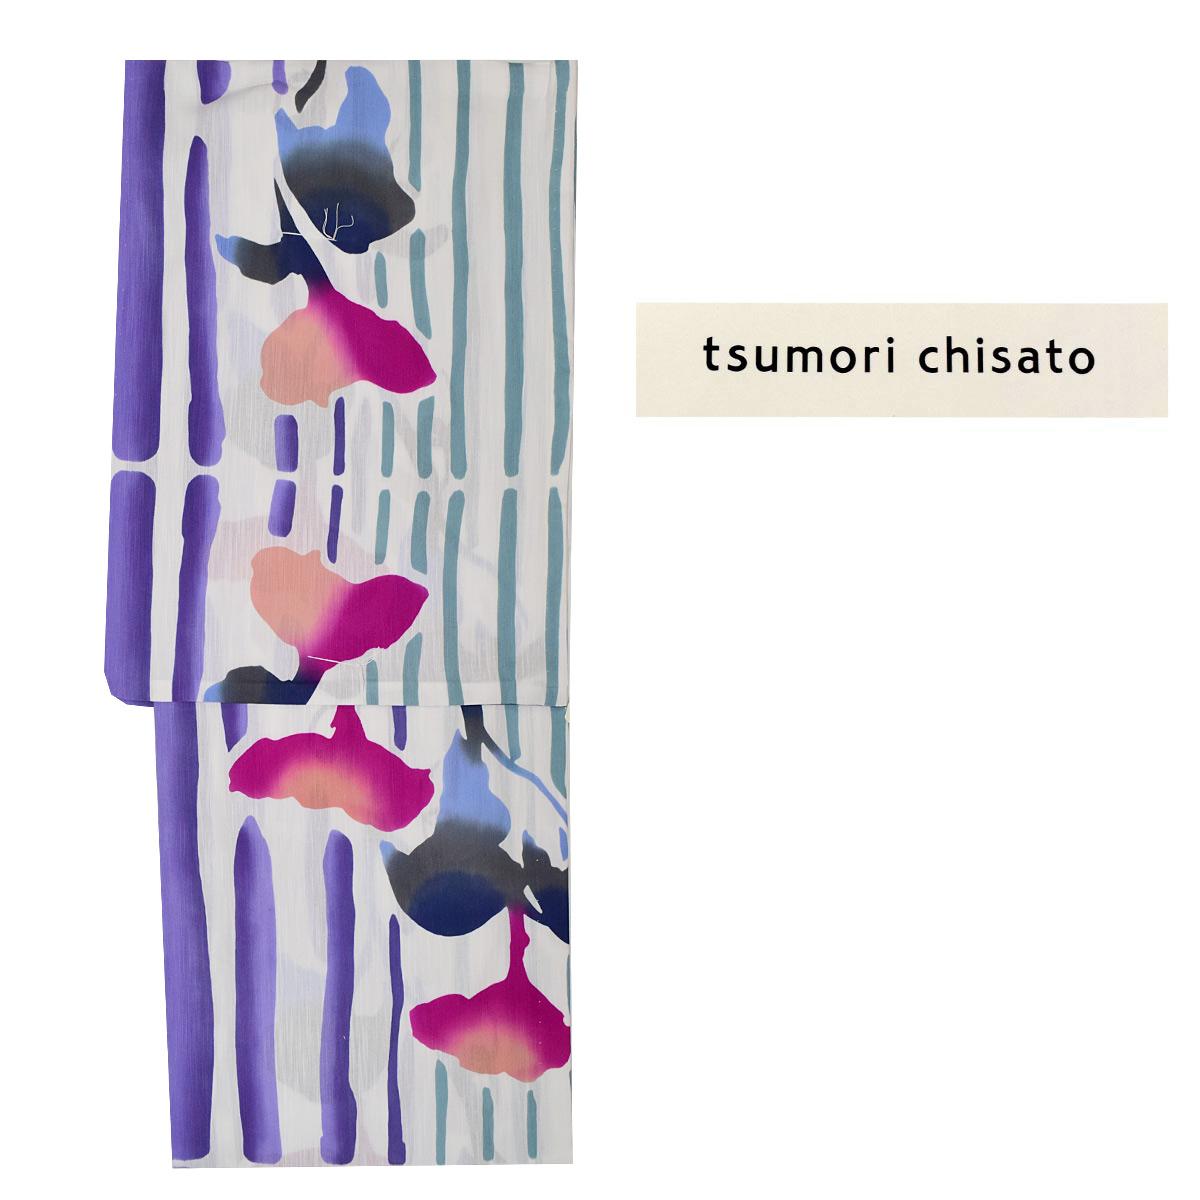 浴衣 レディース 《30%オフクーポン利用可》お買い物マラソン【tsumori chisato】【綿】新作 単品【ツモリチサト】番号c2-18 ブランド